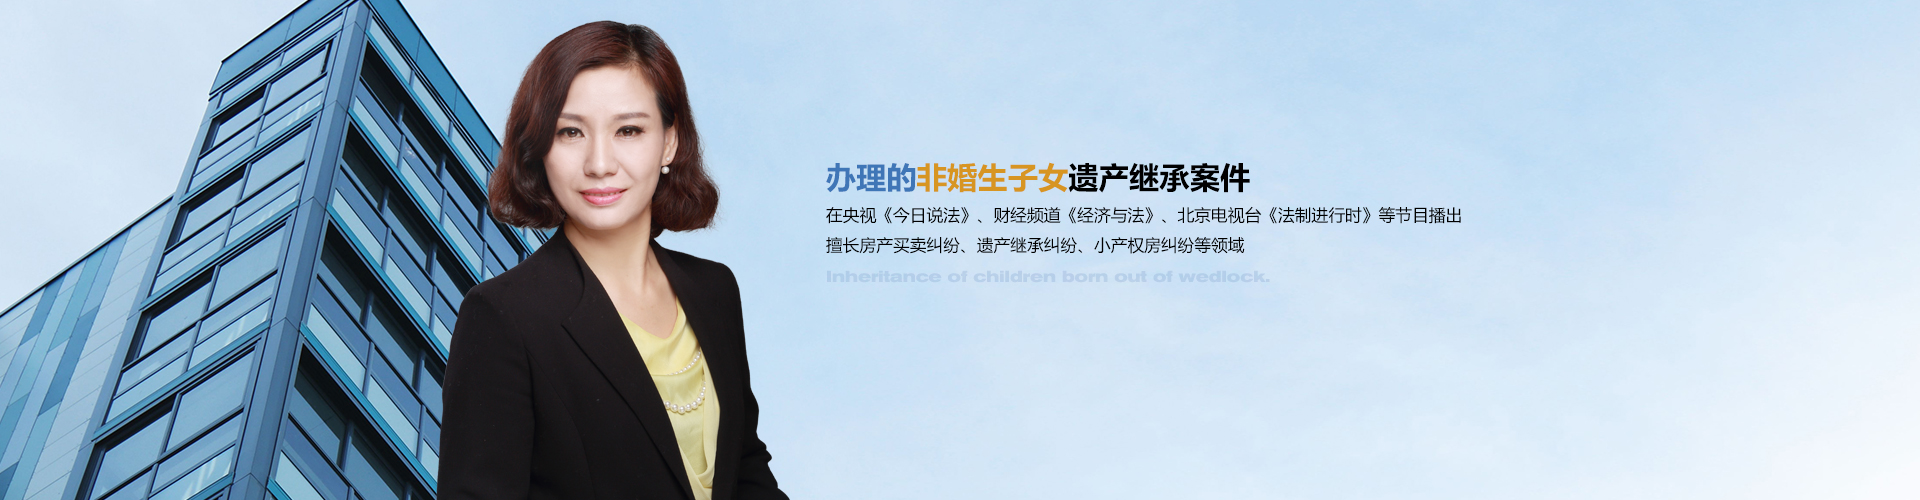 北京房产继承律师